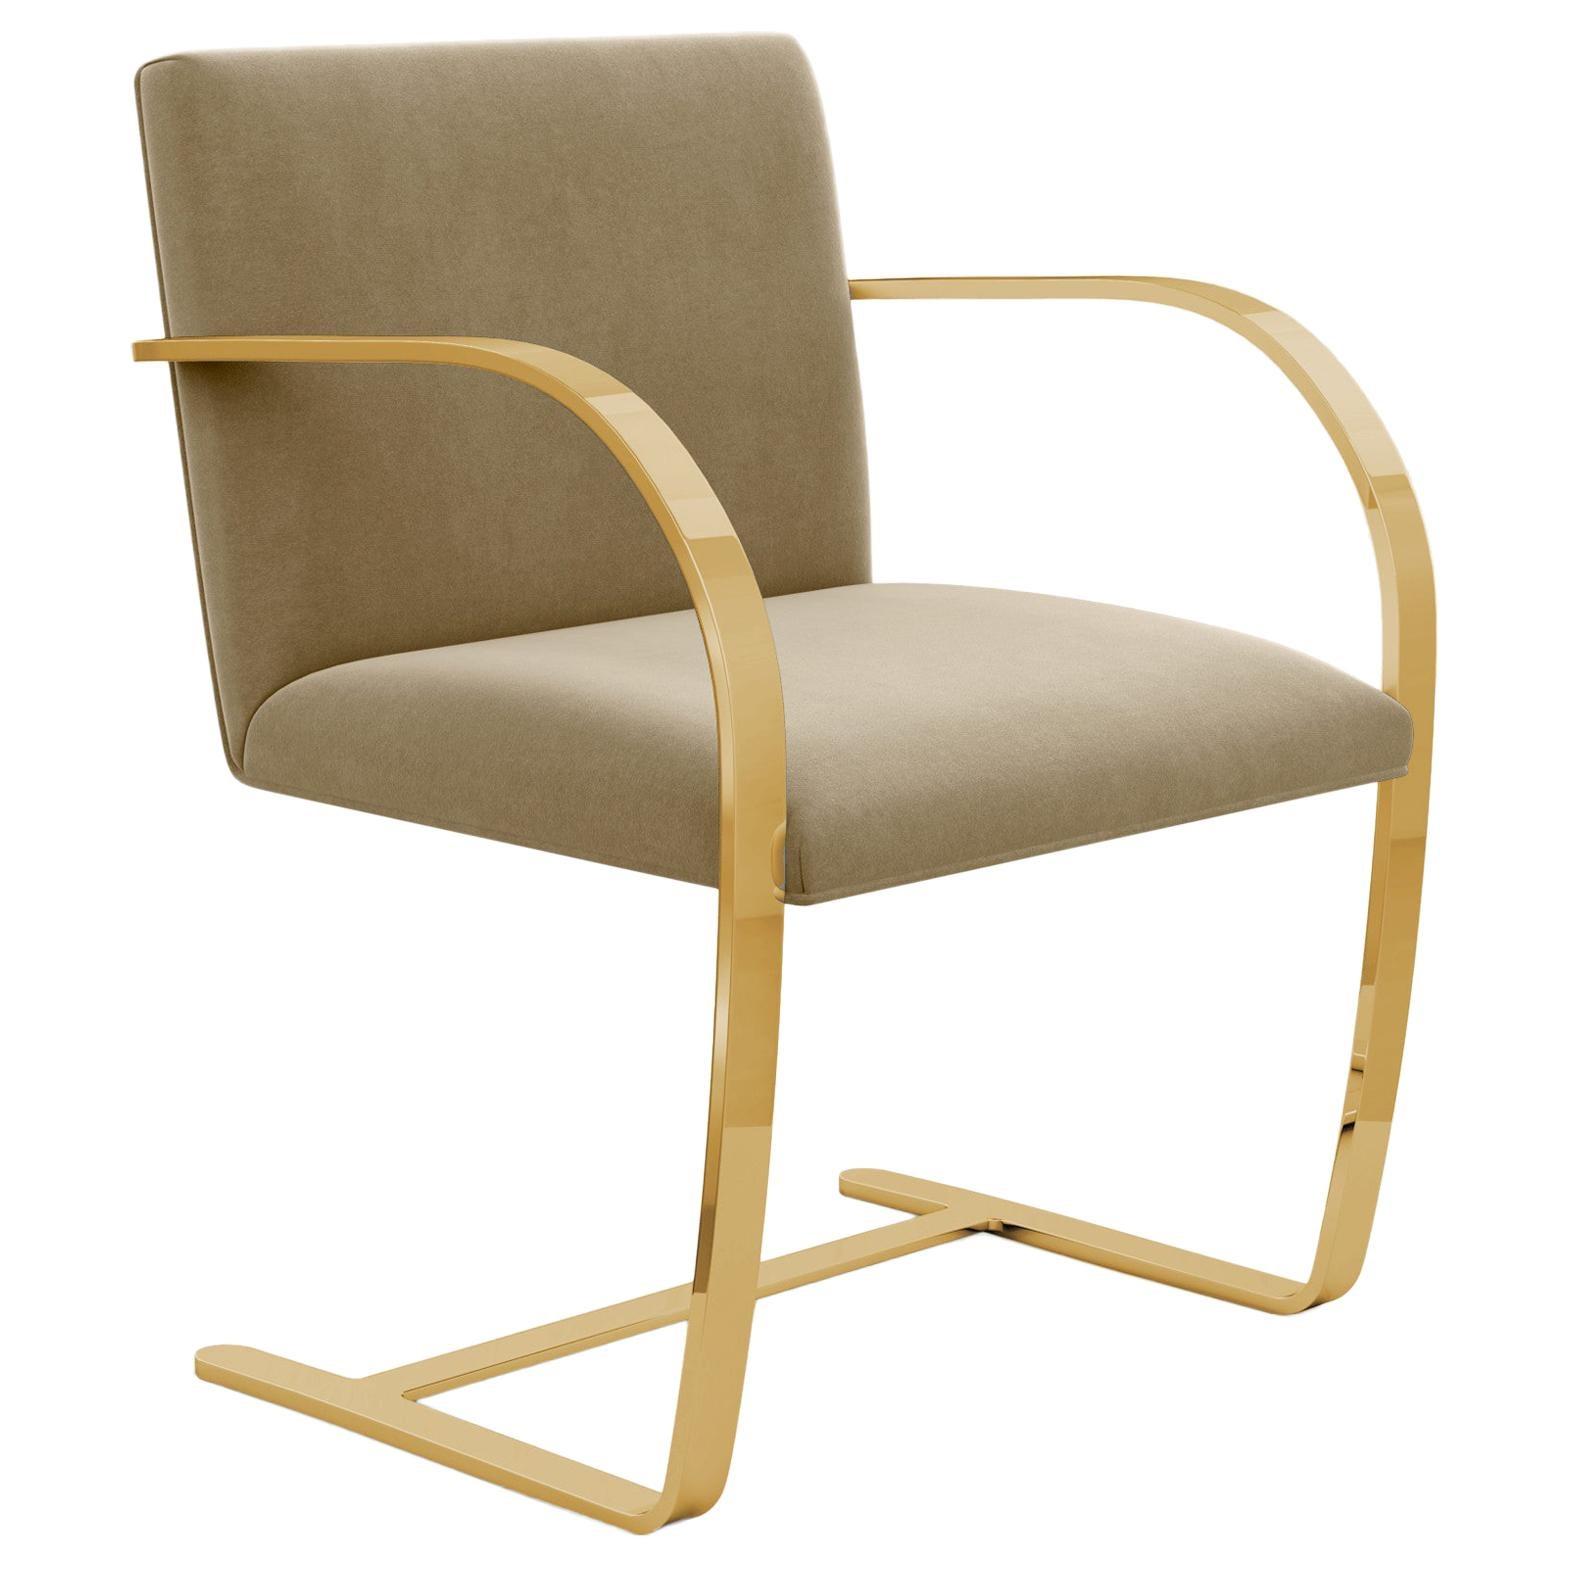 Flat Bar Brno Arm Chair, Knoll Velvet/Sandstone Upholstery & Gold Frame